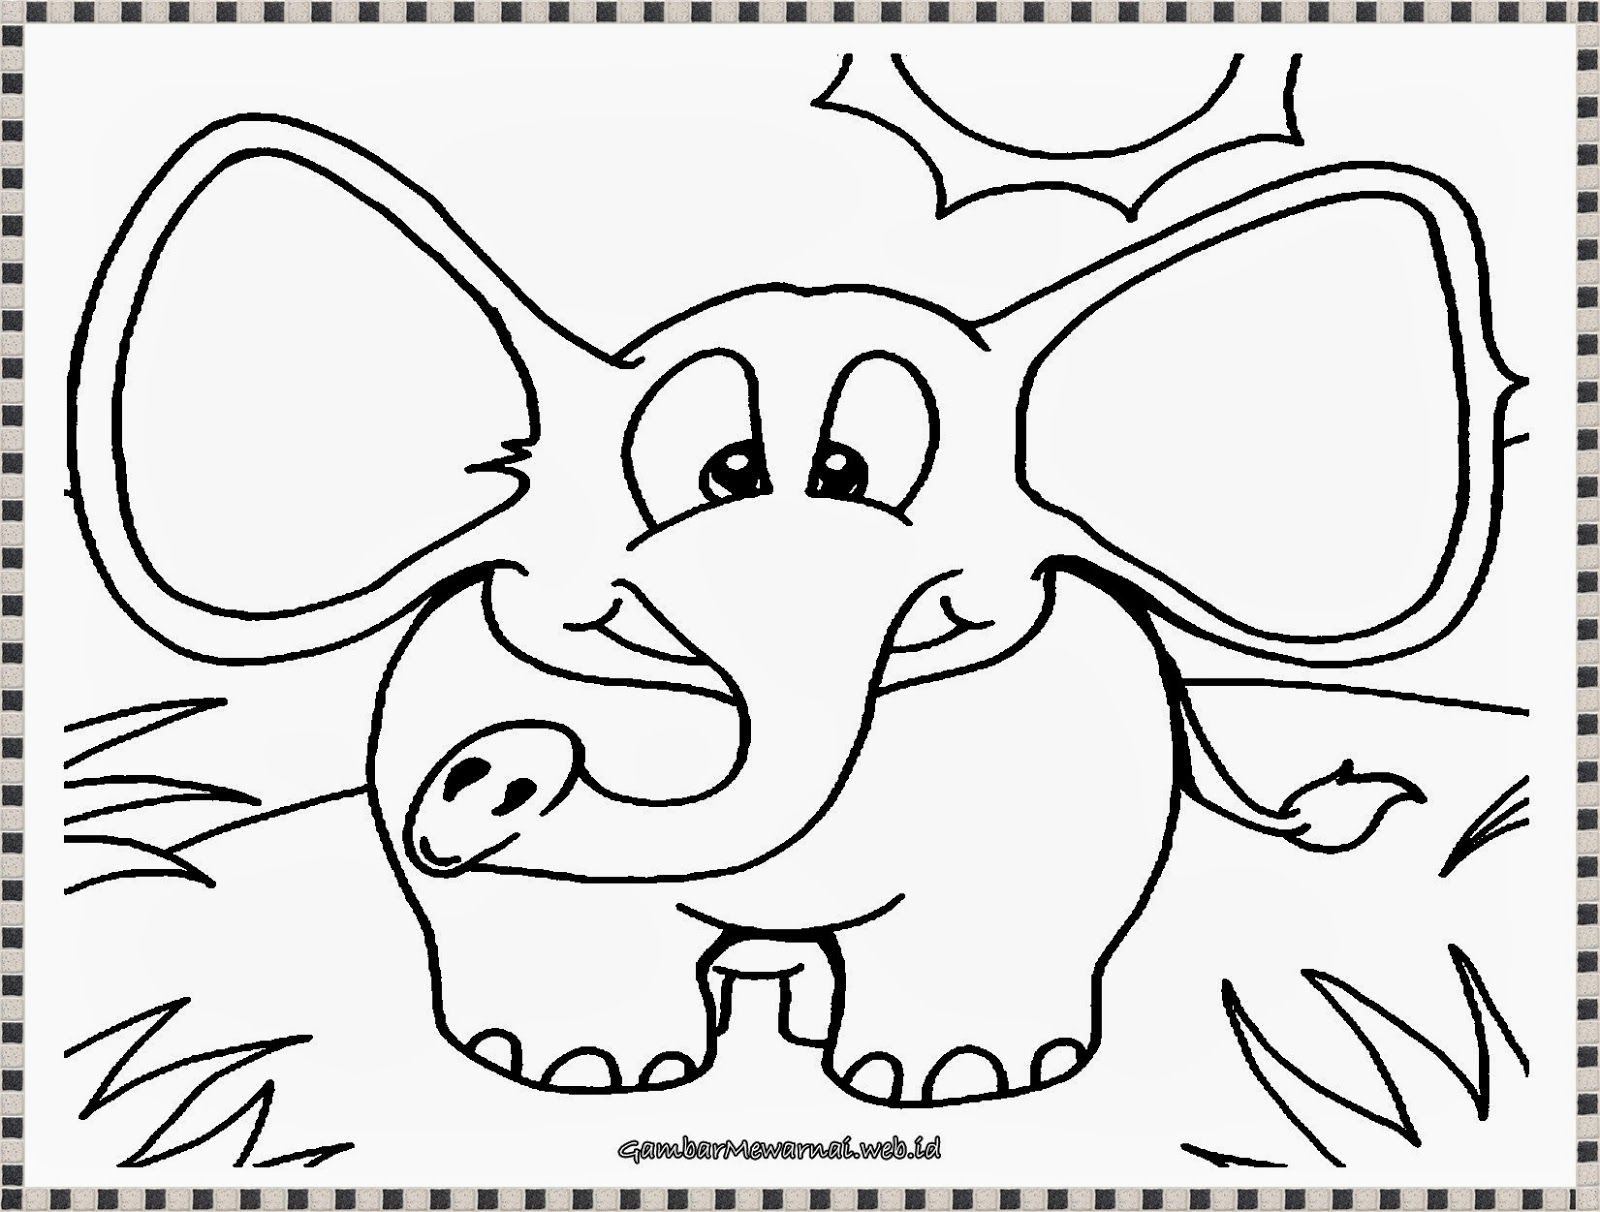 Gambar Mewarnai Anak Gajah Yang Lucu Education Pinterest